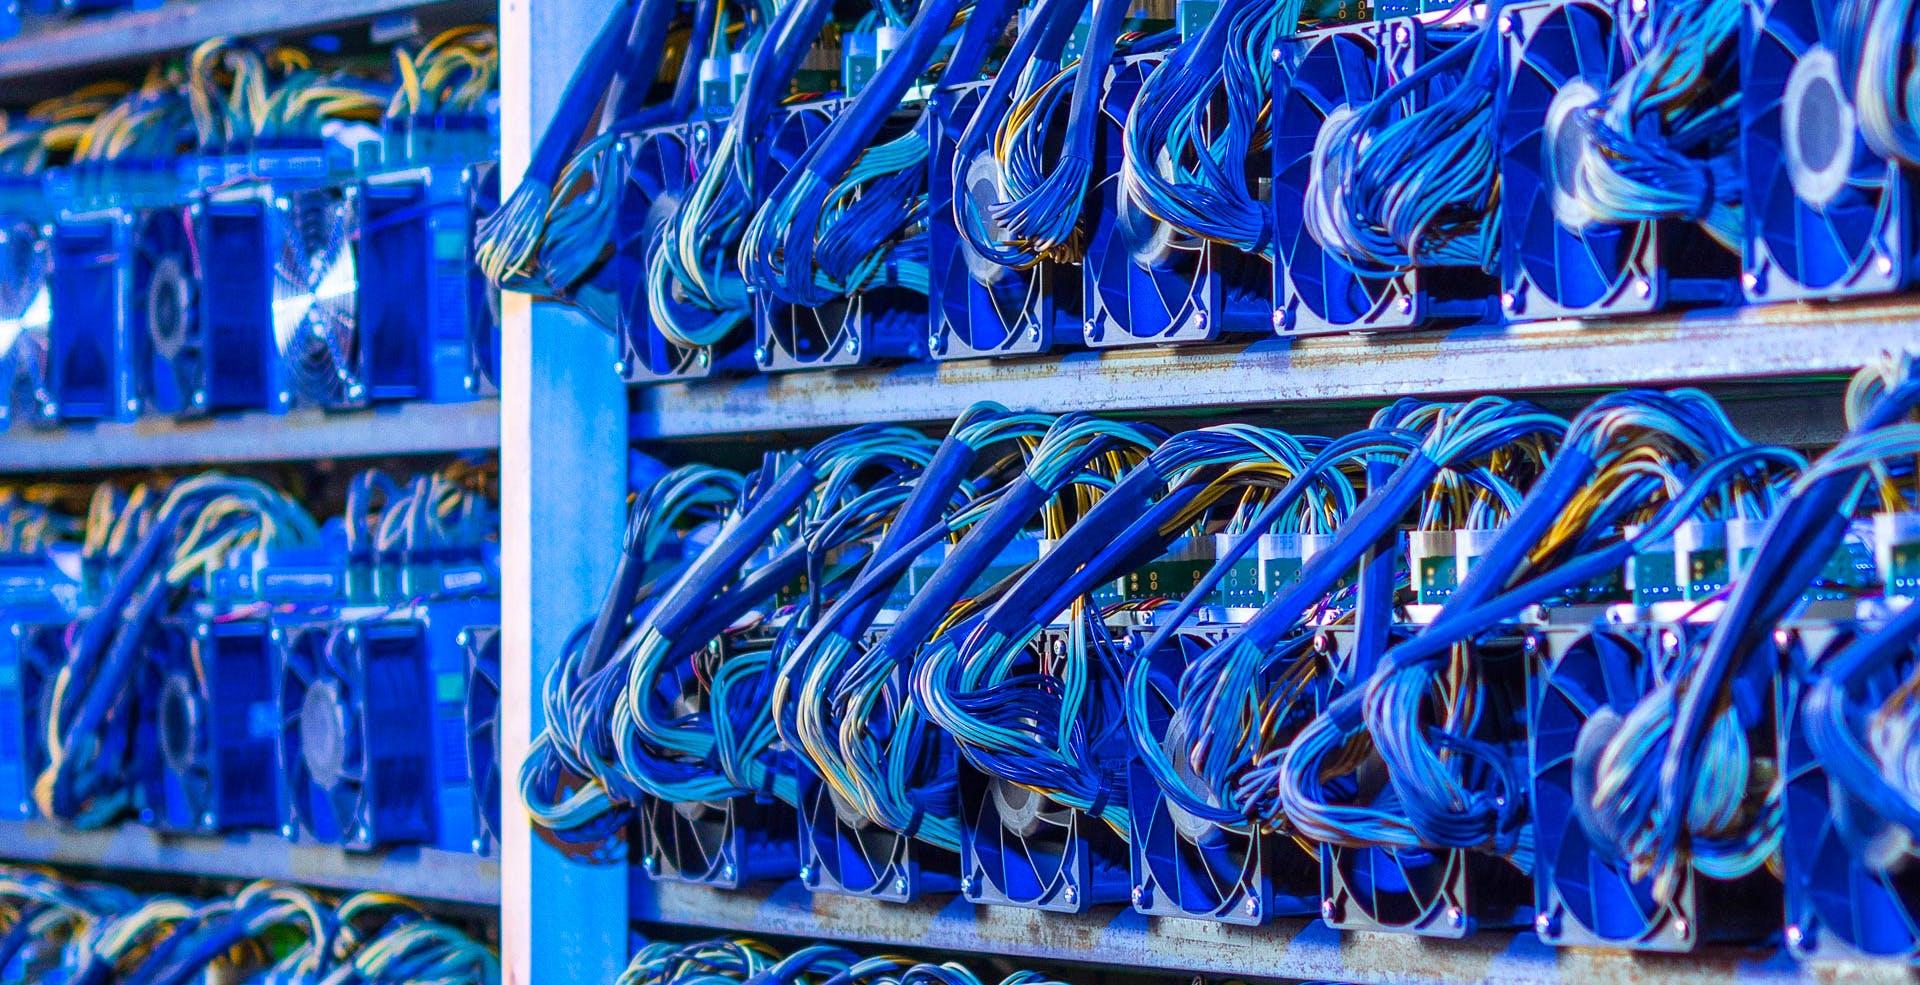 In Iran la corrente costa pochissimo e i cinesi hanno costruito enormi miniere di bitcoin. Ora la rete elettrica è in ginocchio